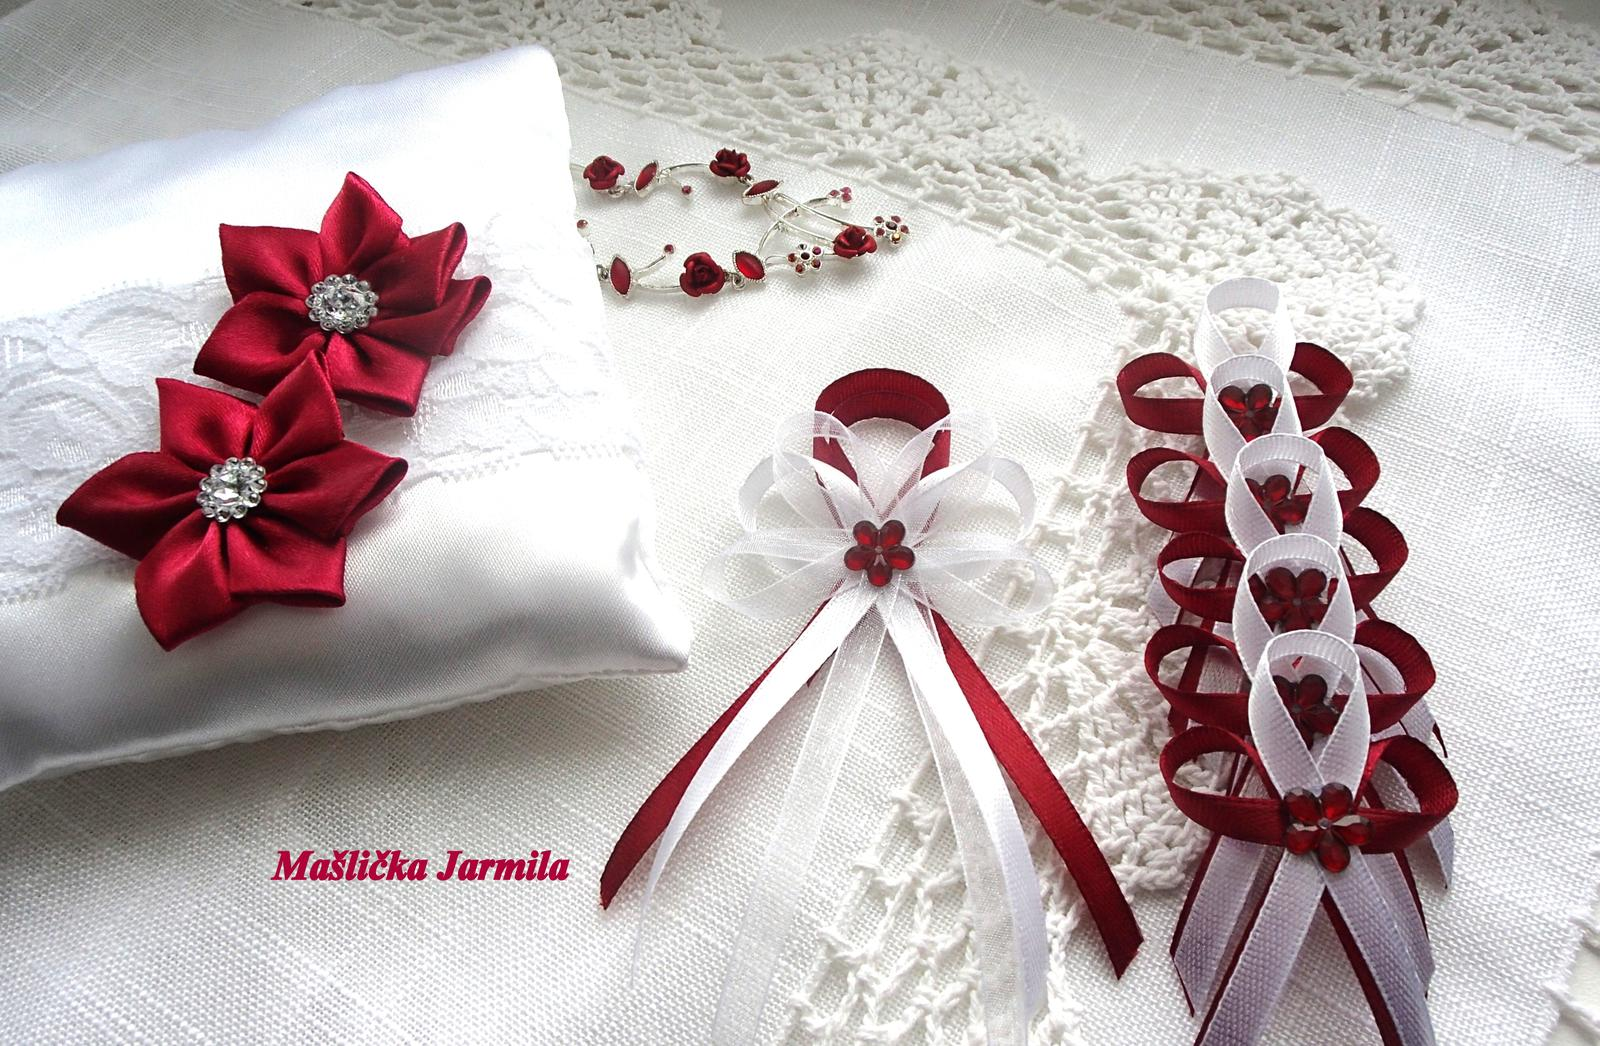 Svatební vývazky podvazky, polštářky a další drobnosti... - Obrázek č. 22